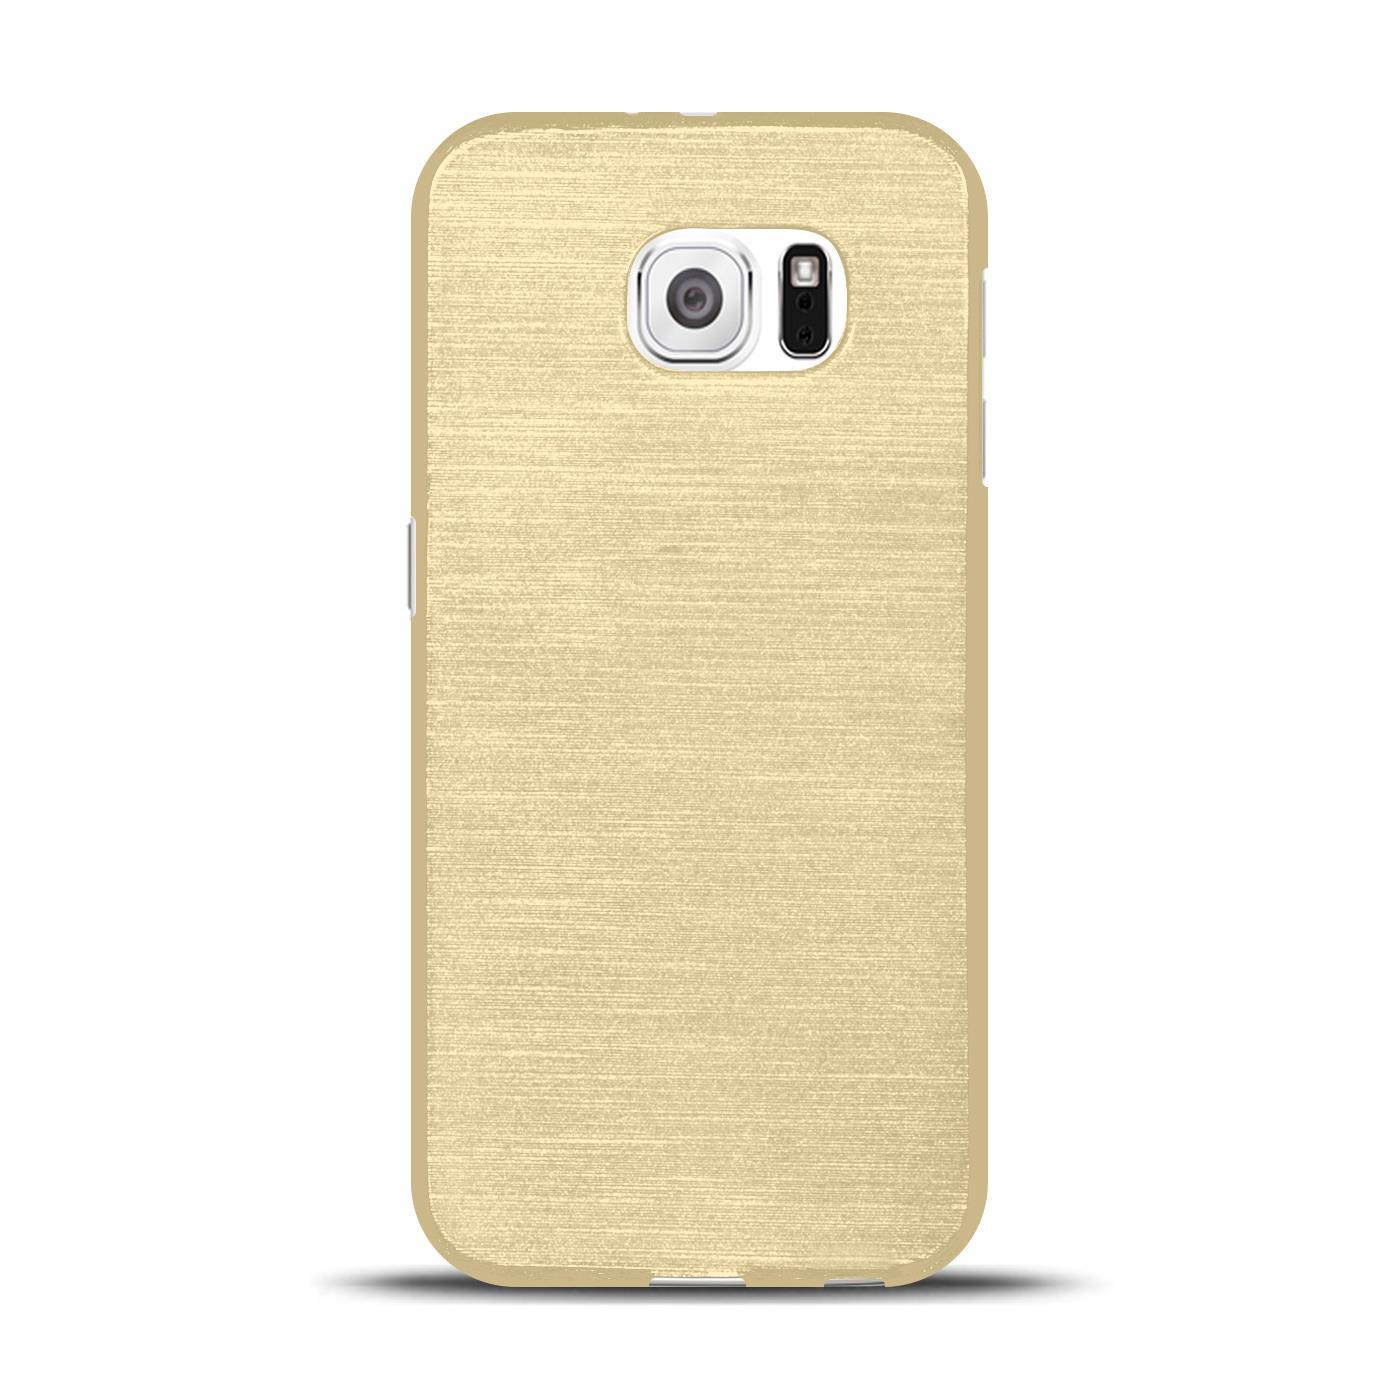 Silikon-Bumper-Case-fuer-Samsung-Galaxy-s6-duenne-ultra-slim-Stossfeste-Rueckschale Indexbild 14